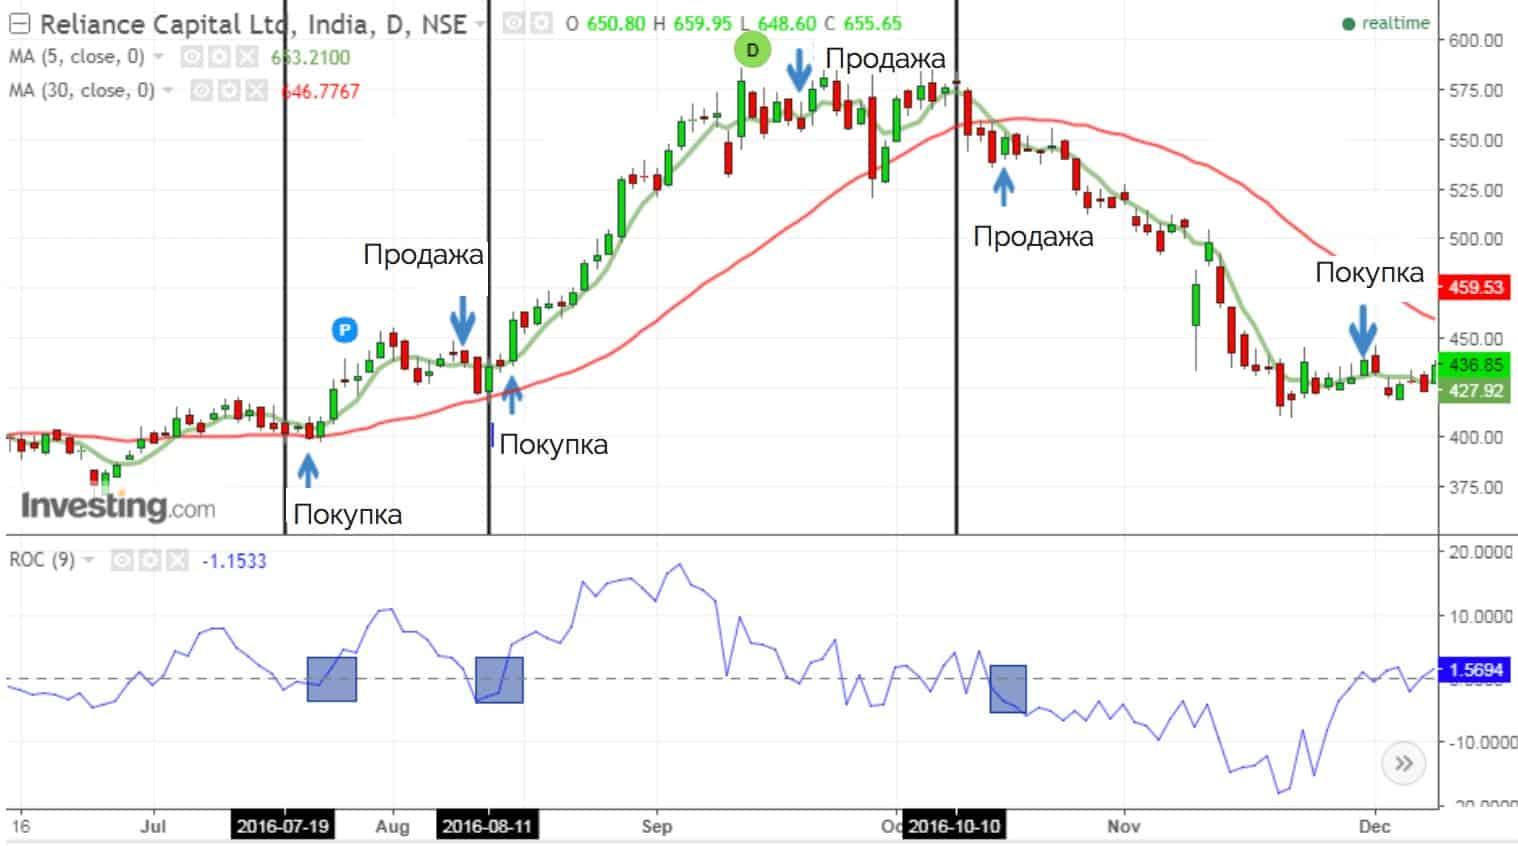 индикатор roc покупка и продажа